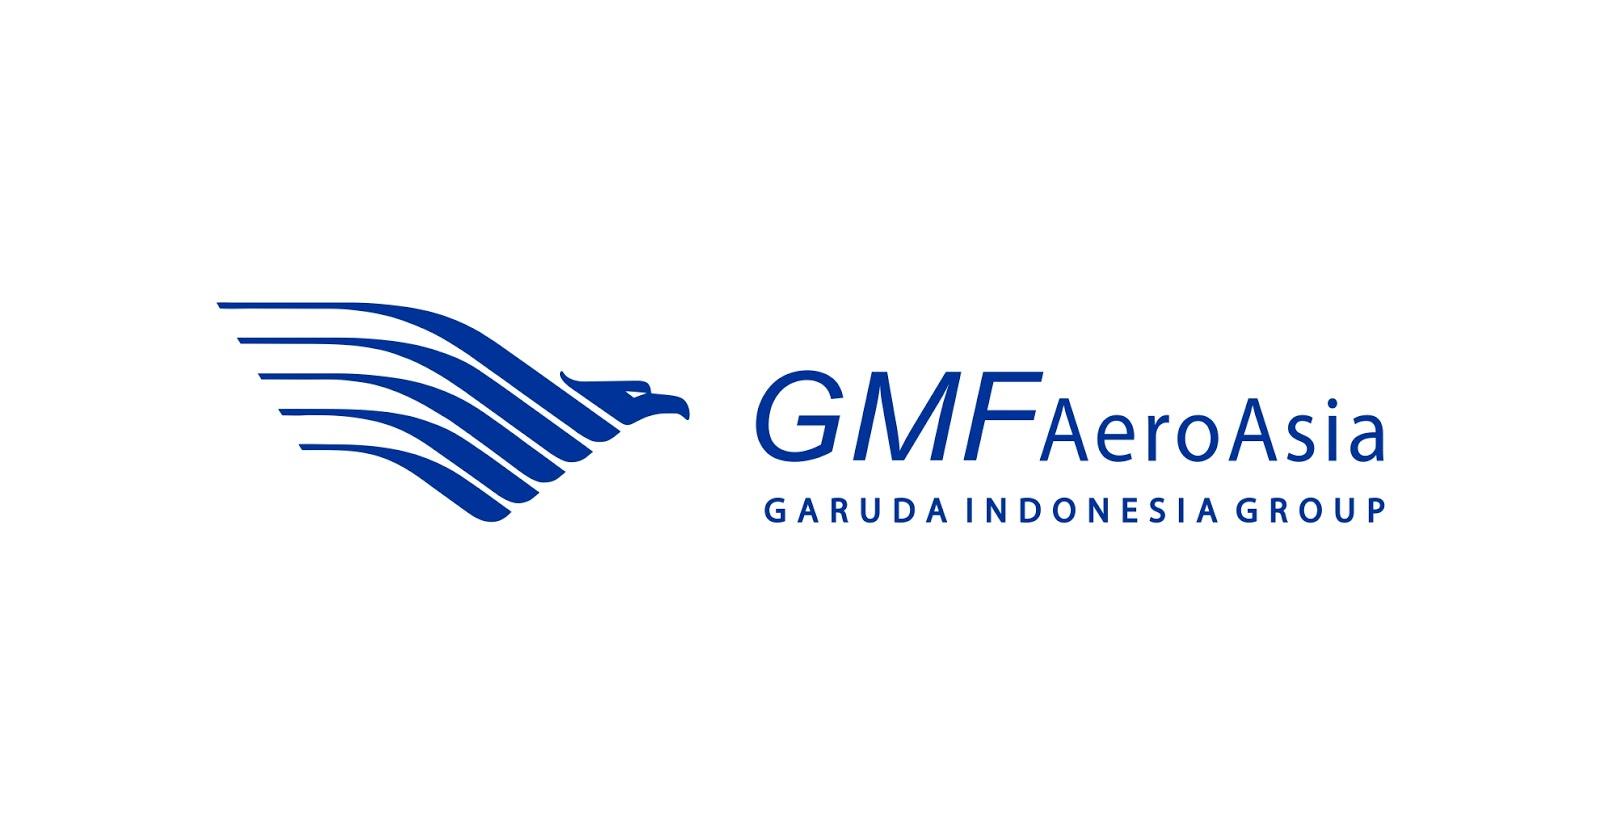 Gmf Aa on Aircraft Repair Logo